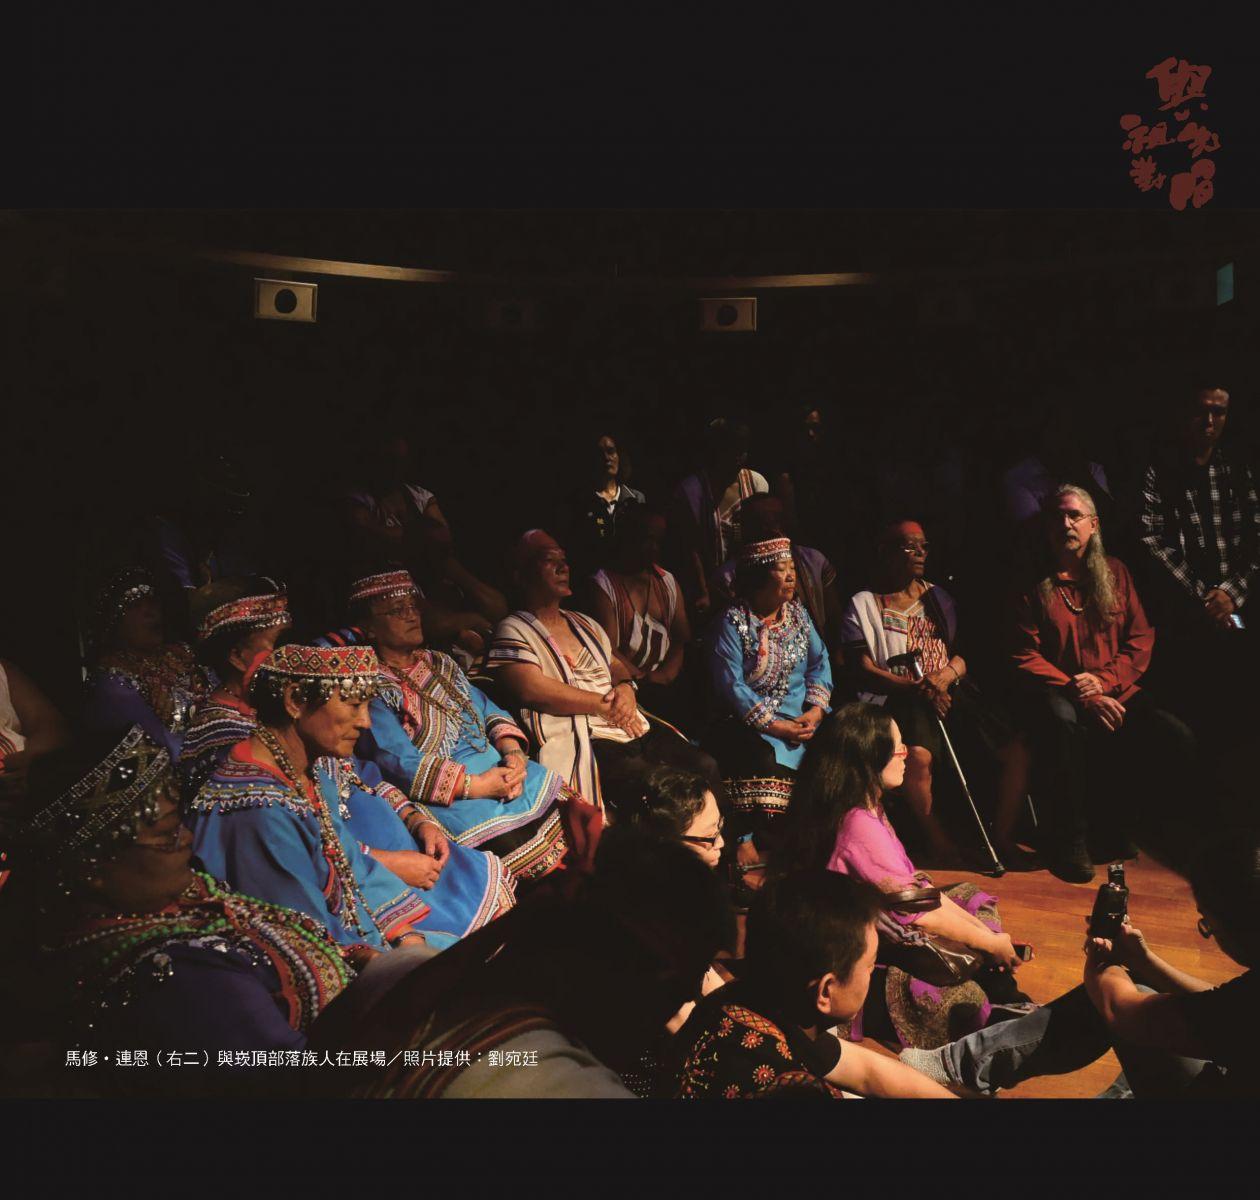 馬修˙連恩(右二)與崁頂部落族人在展場/照片提供:劉宛廷